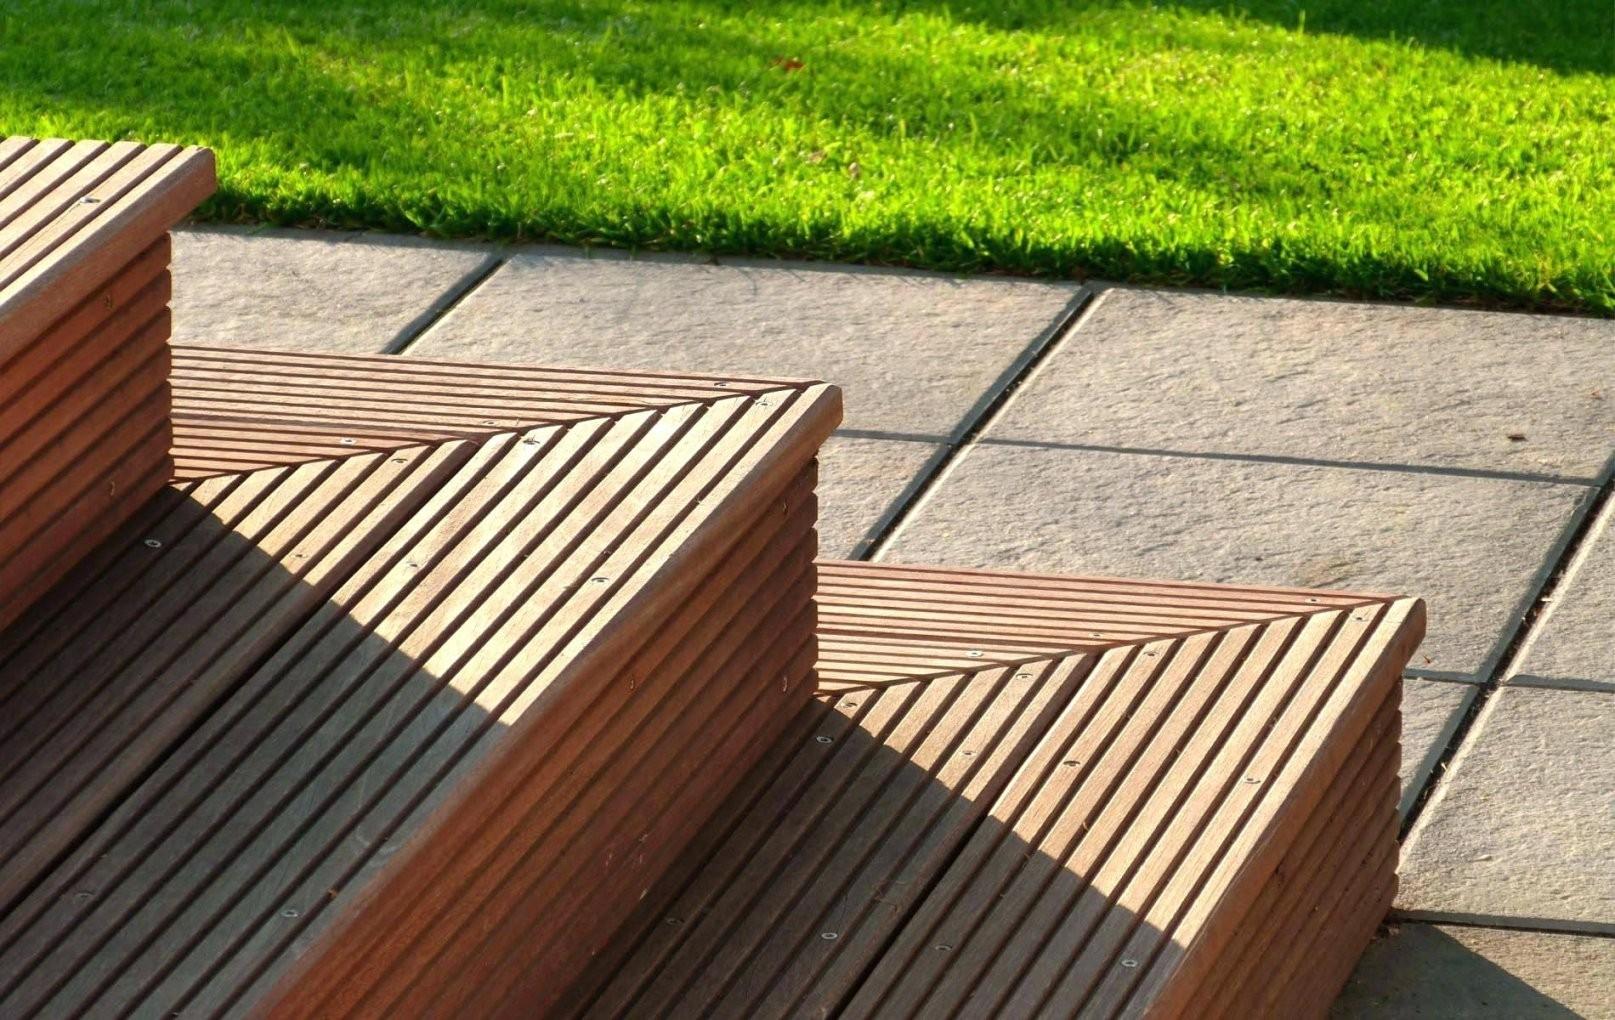 Terrasse Selber Bauen Unterkonstruktion Holzterrasse von Terrasse Selber Bauen Unterkonstruktion Photo